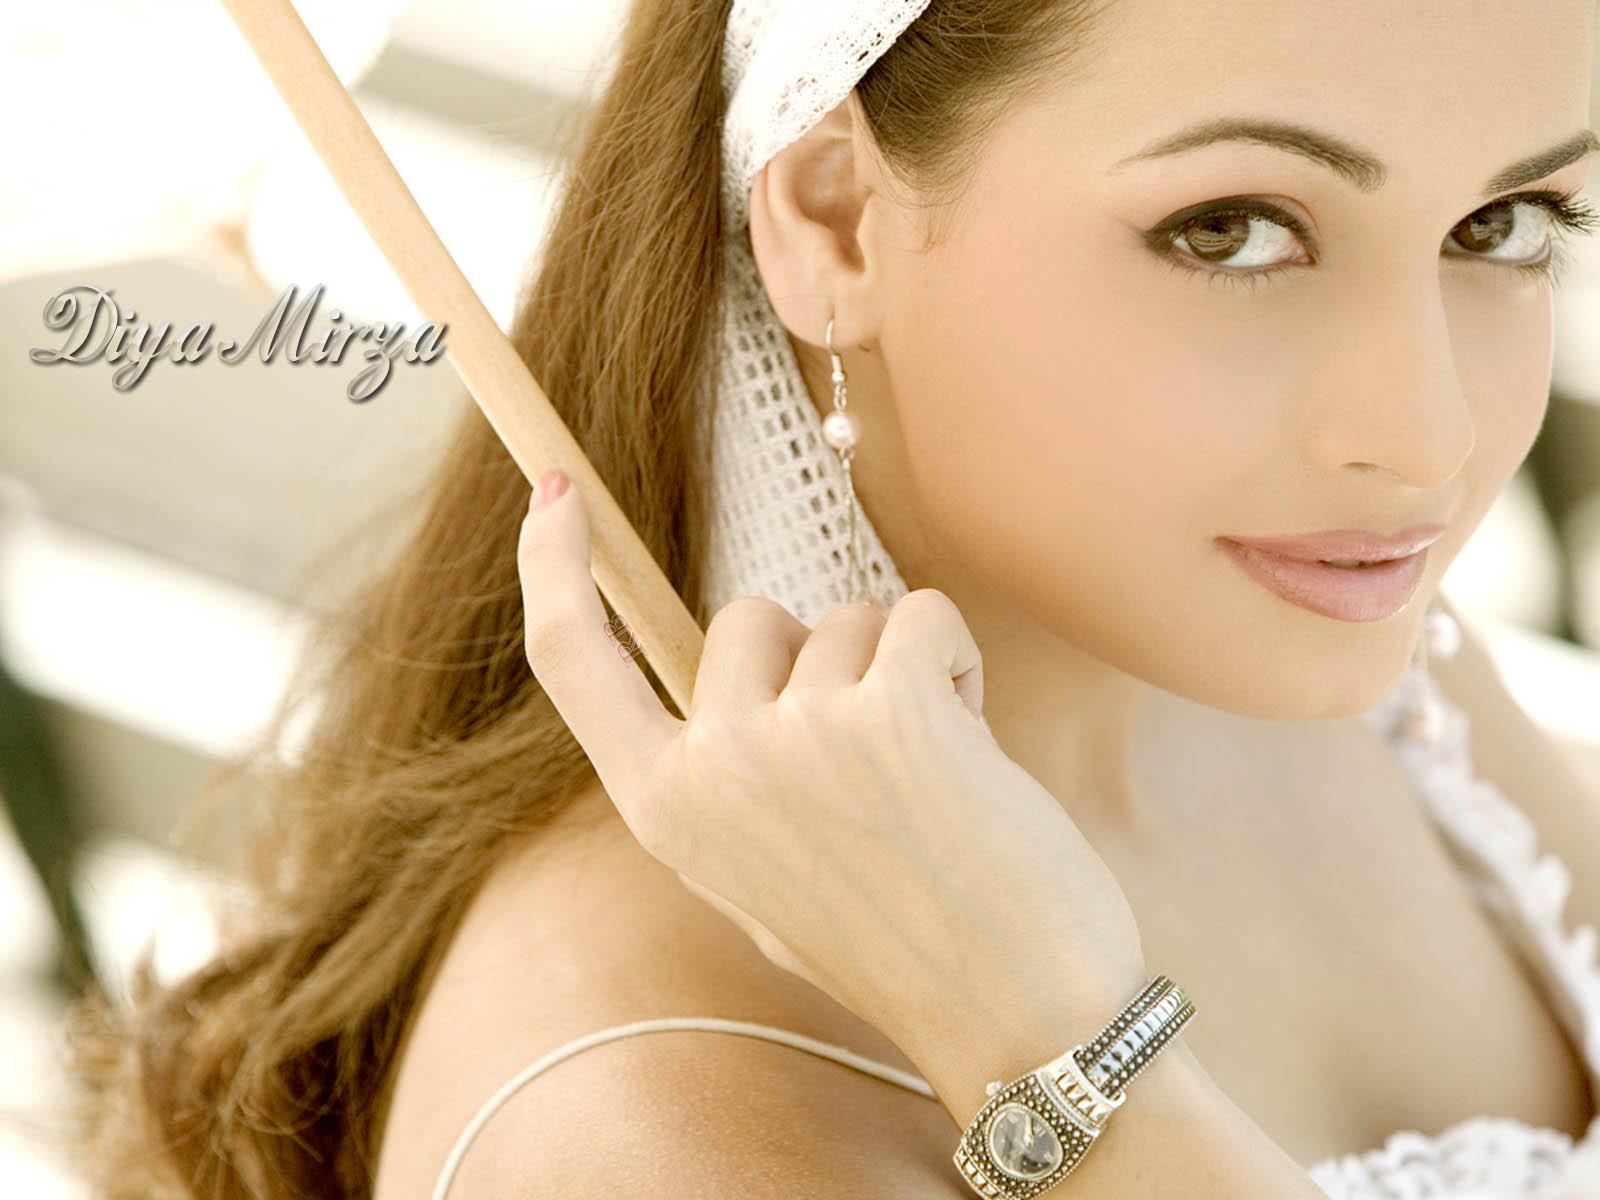 http://2.bp.blogspot.com/_oY5DBzPli5Y/TUZuDe_5yiI/AAAAAAAAARk/4bknM1NMpgE/s1600/Diya+Mirza-146.jpg